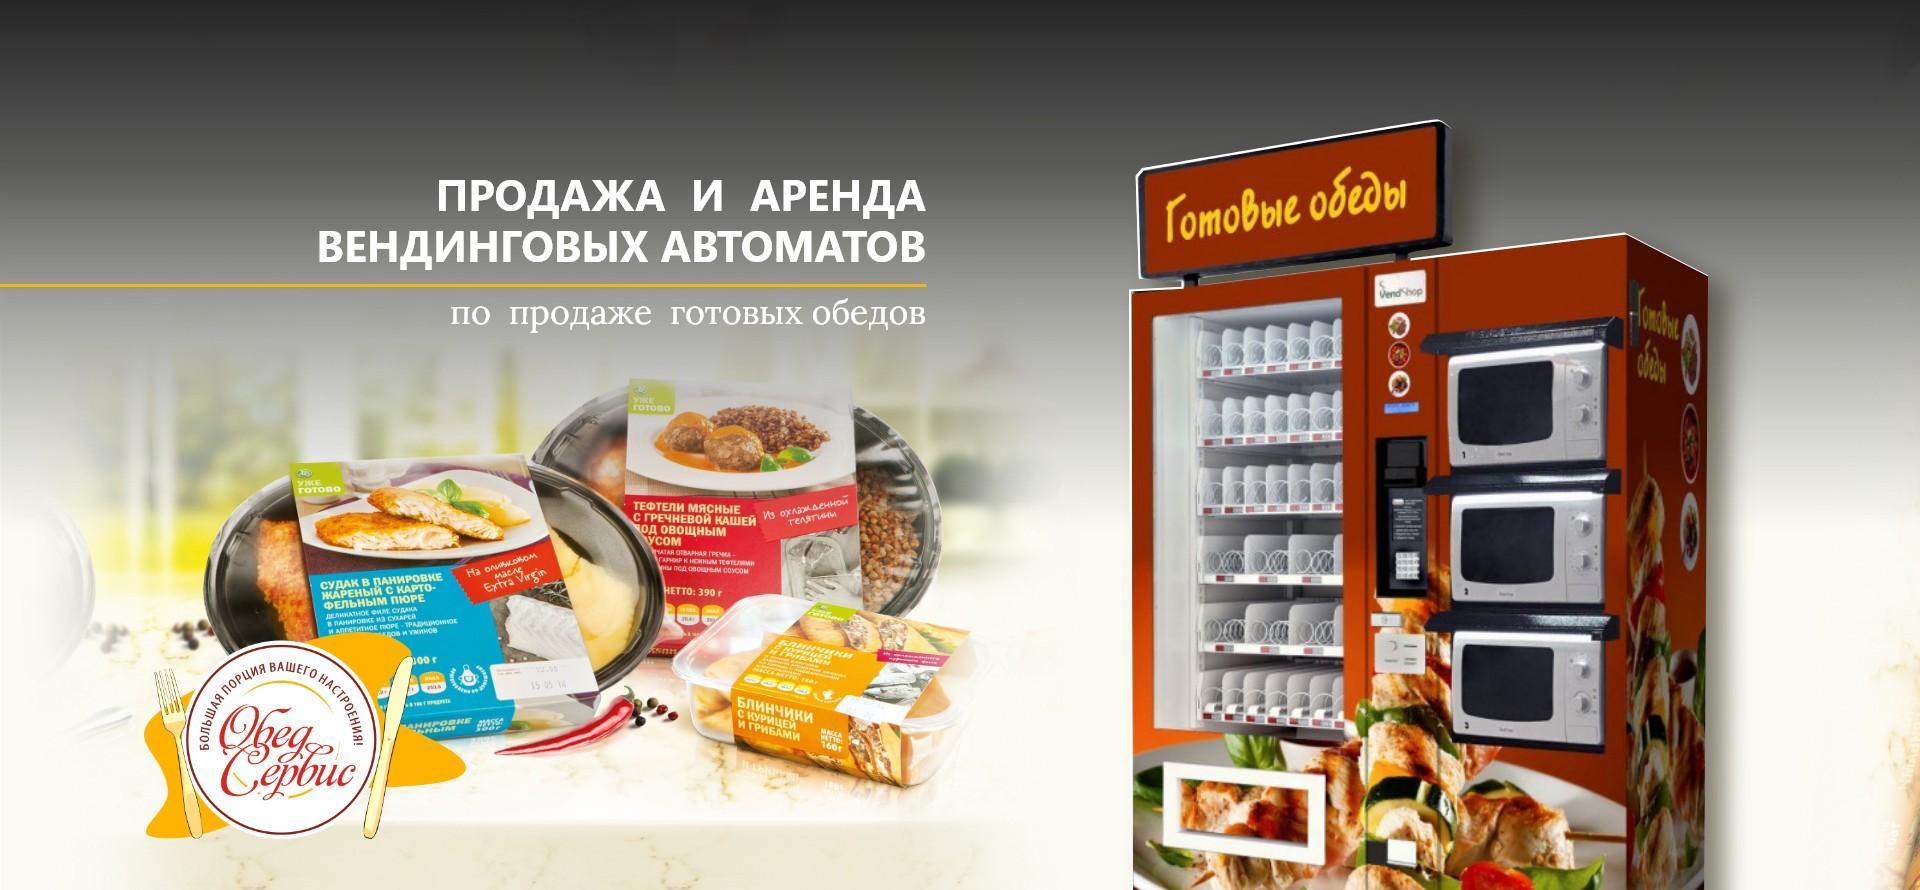 Продажа и аренда вендинговых автоматов по продаже готовых обедов